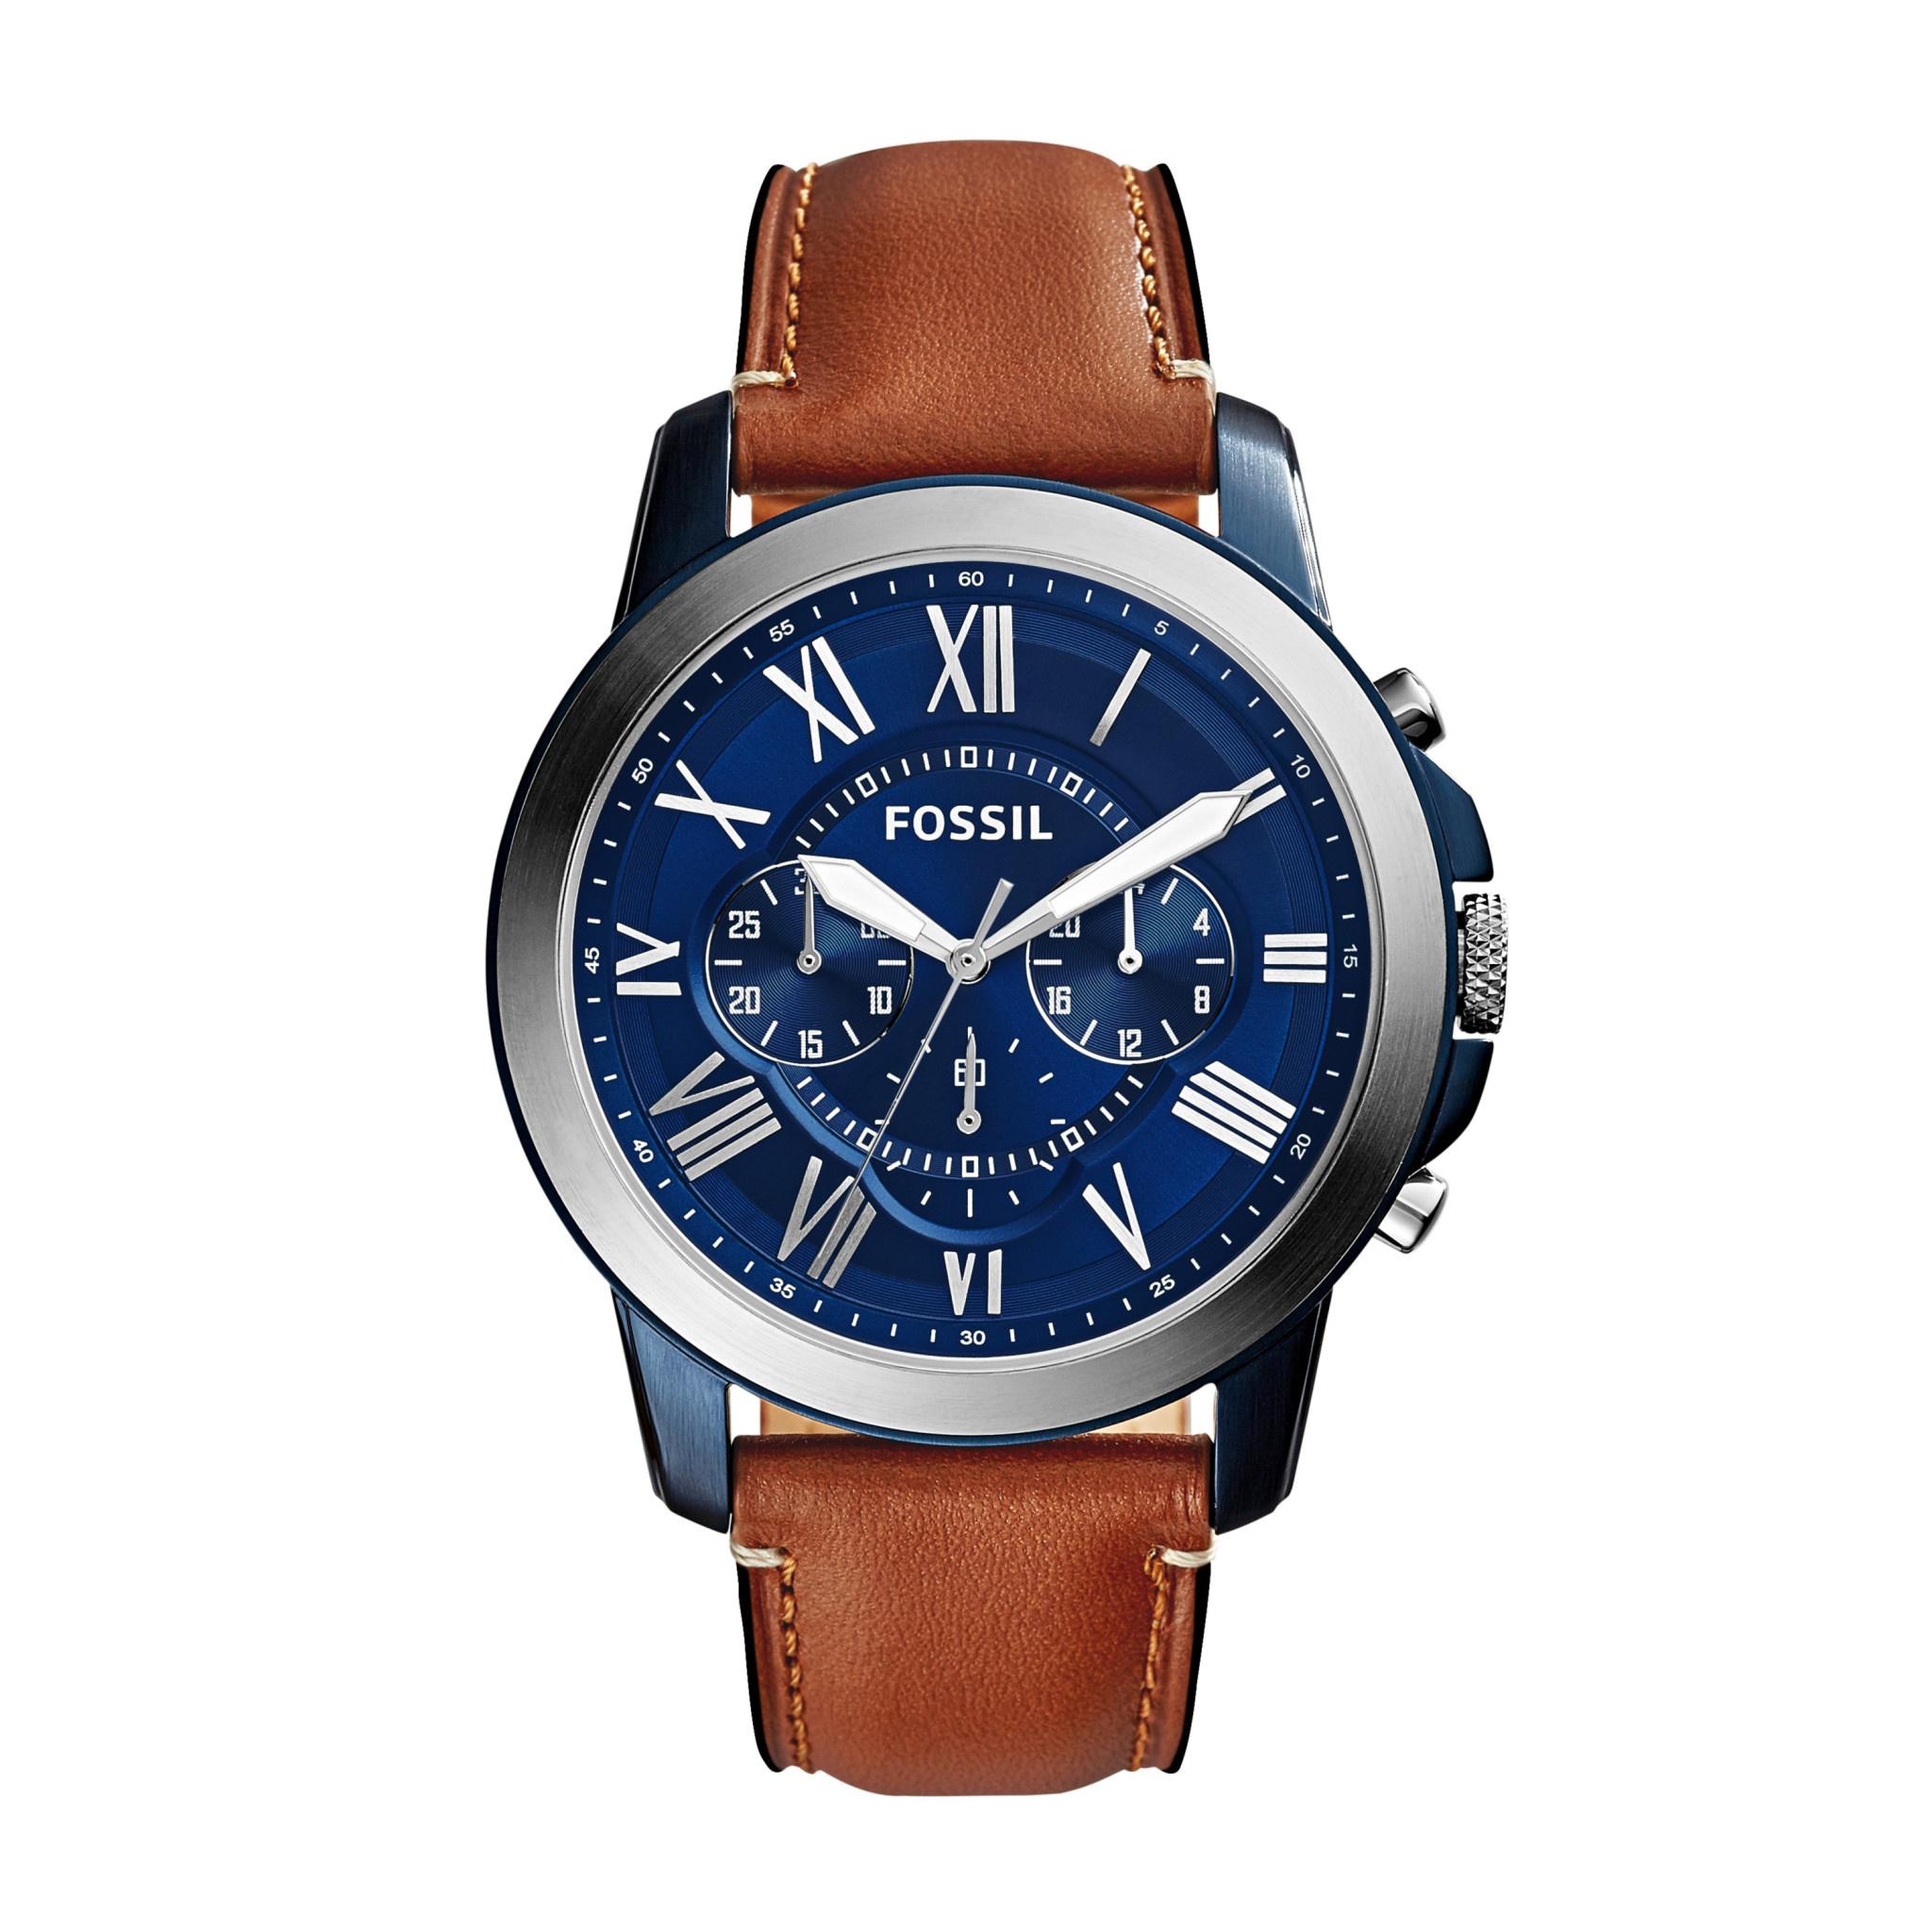 Grant Men's Watch FS5151-2